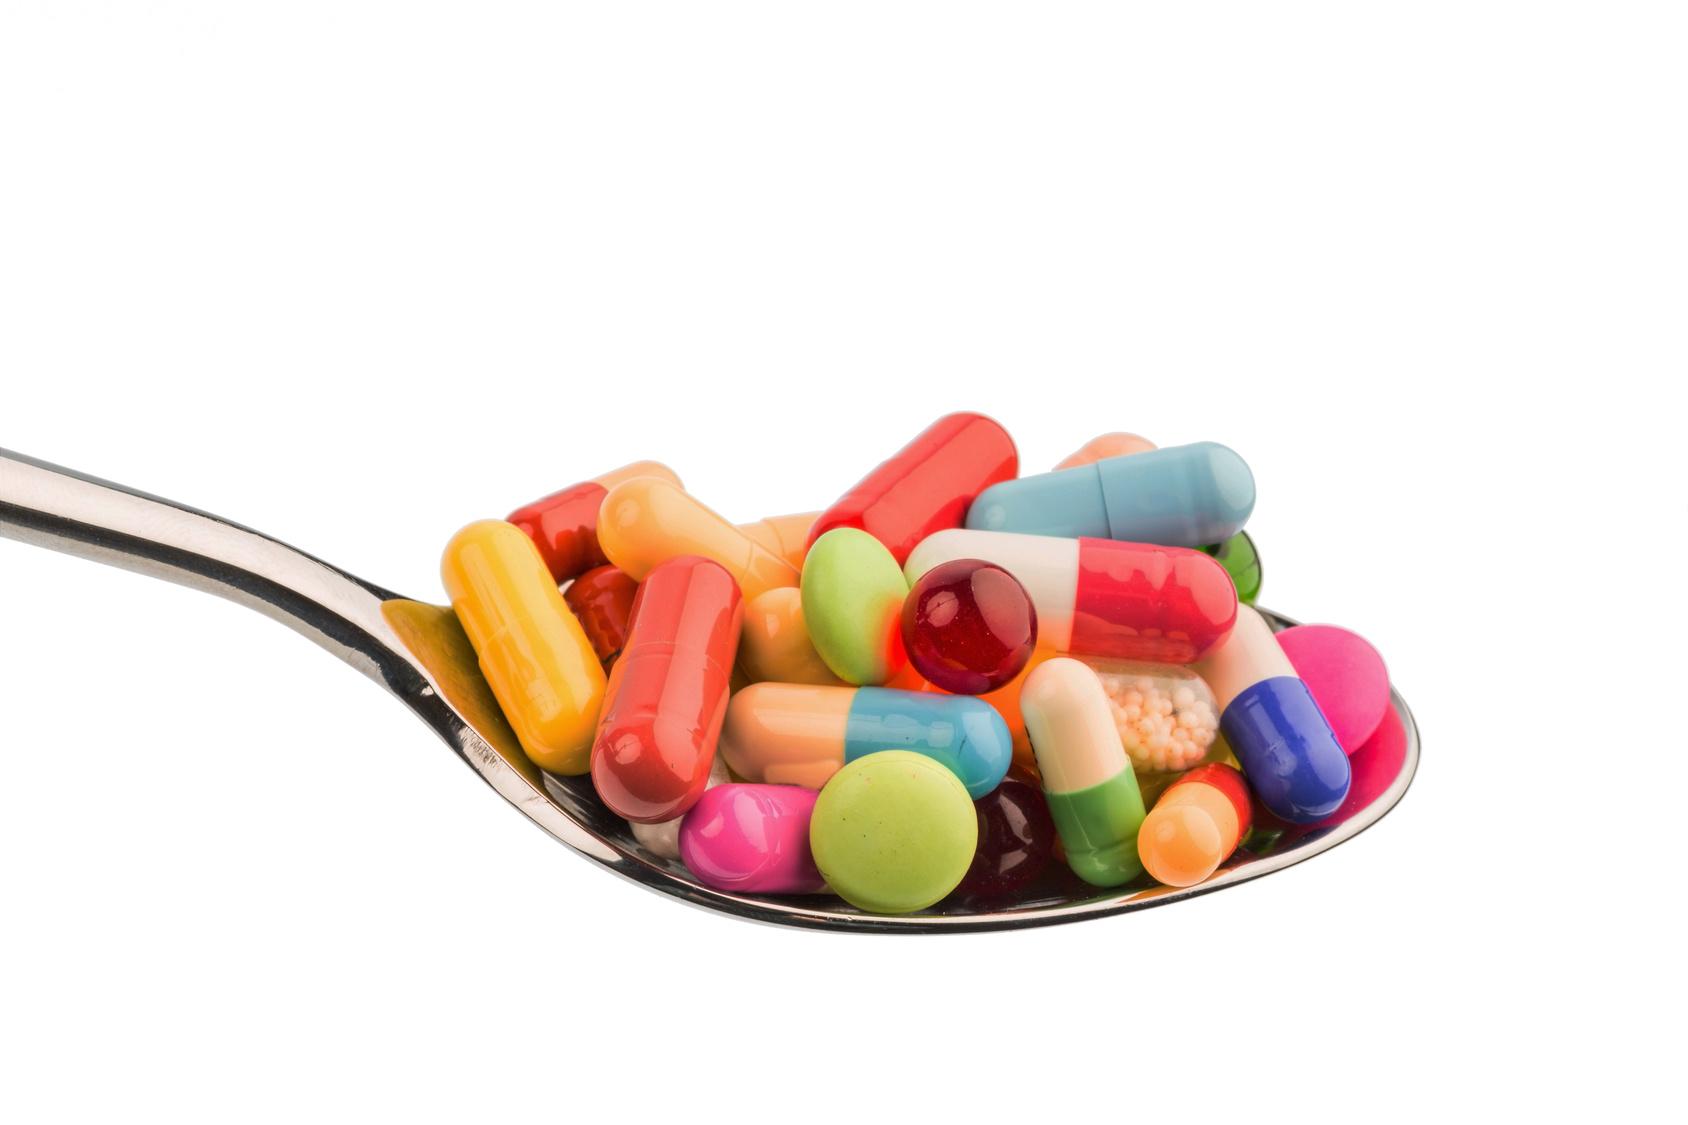 Rheuma: Tabletten / Pillen auf Löffel